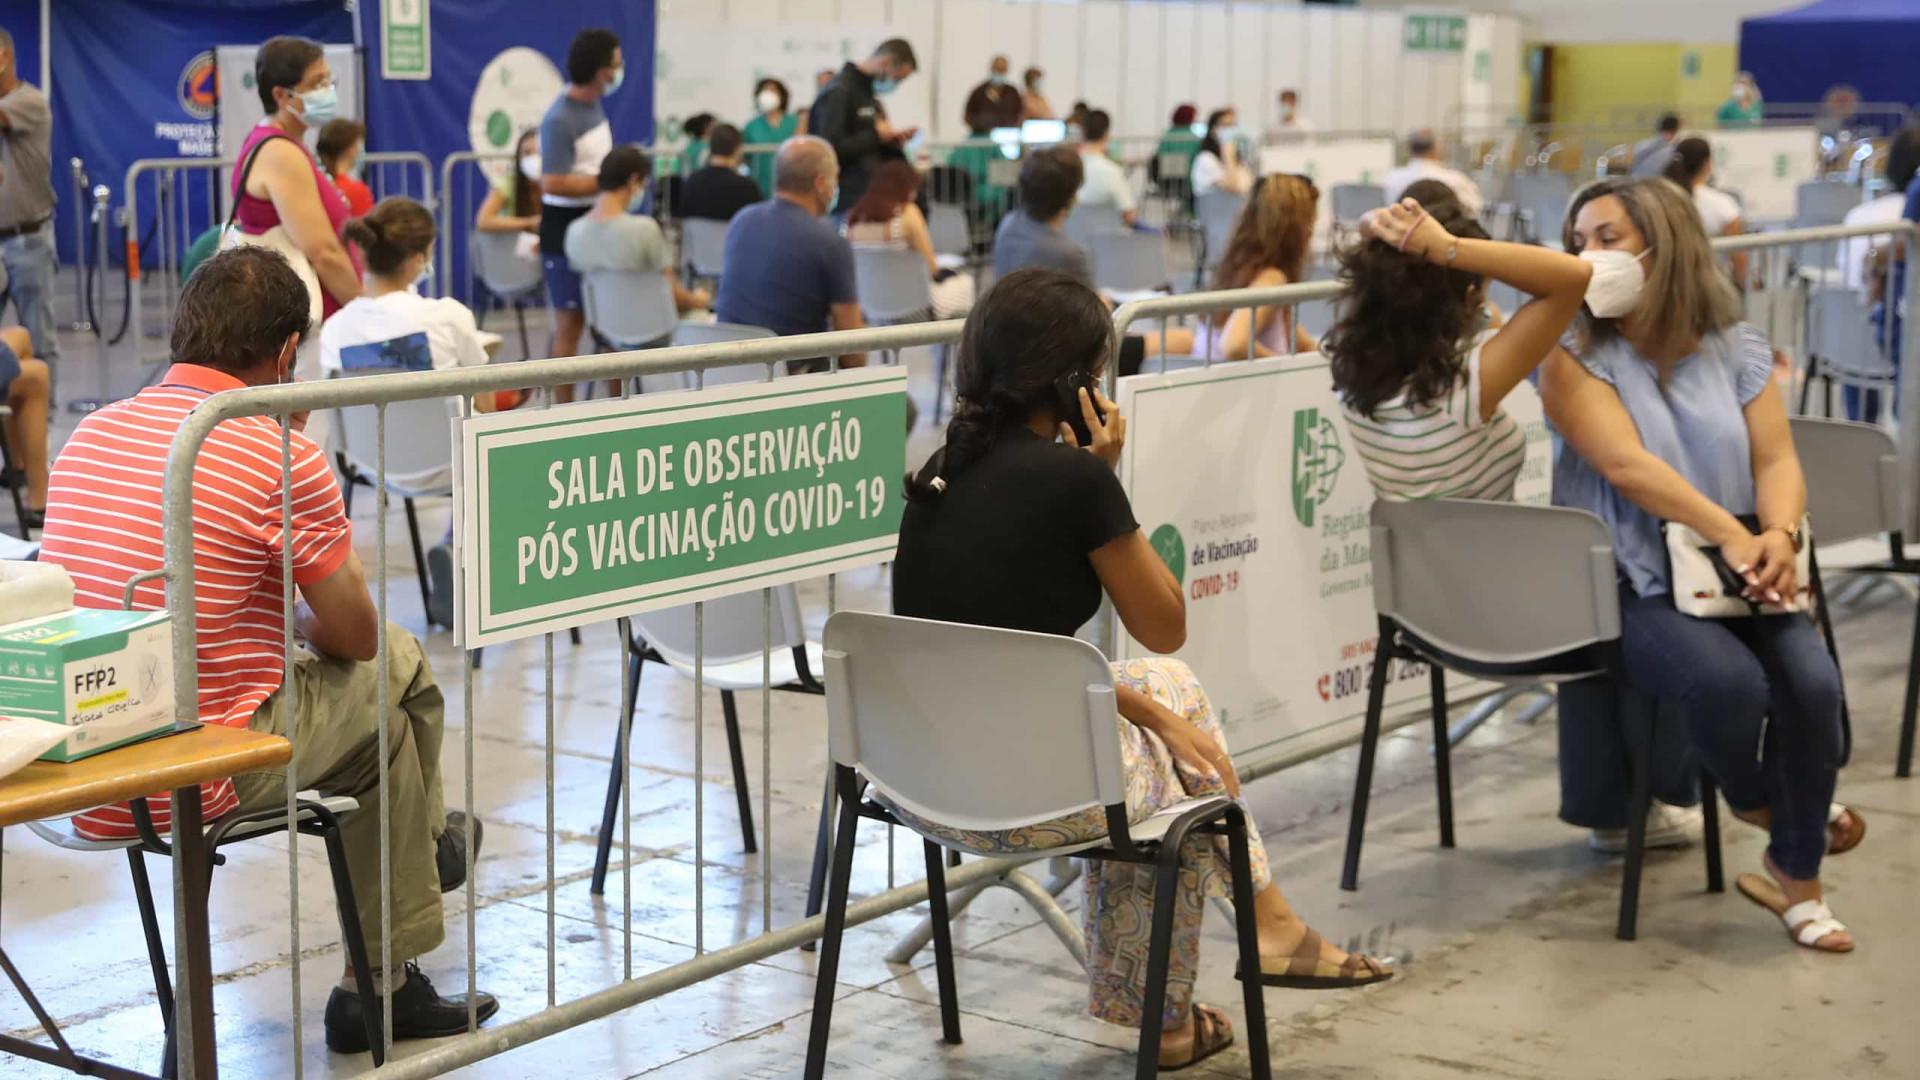 Centros de vacinação da Madeira com horário alargado até sábado